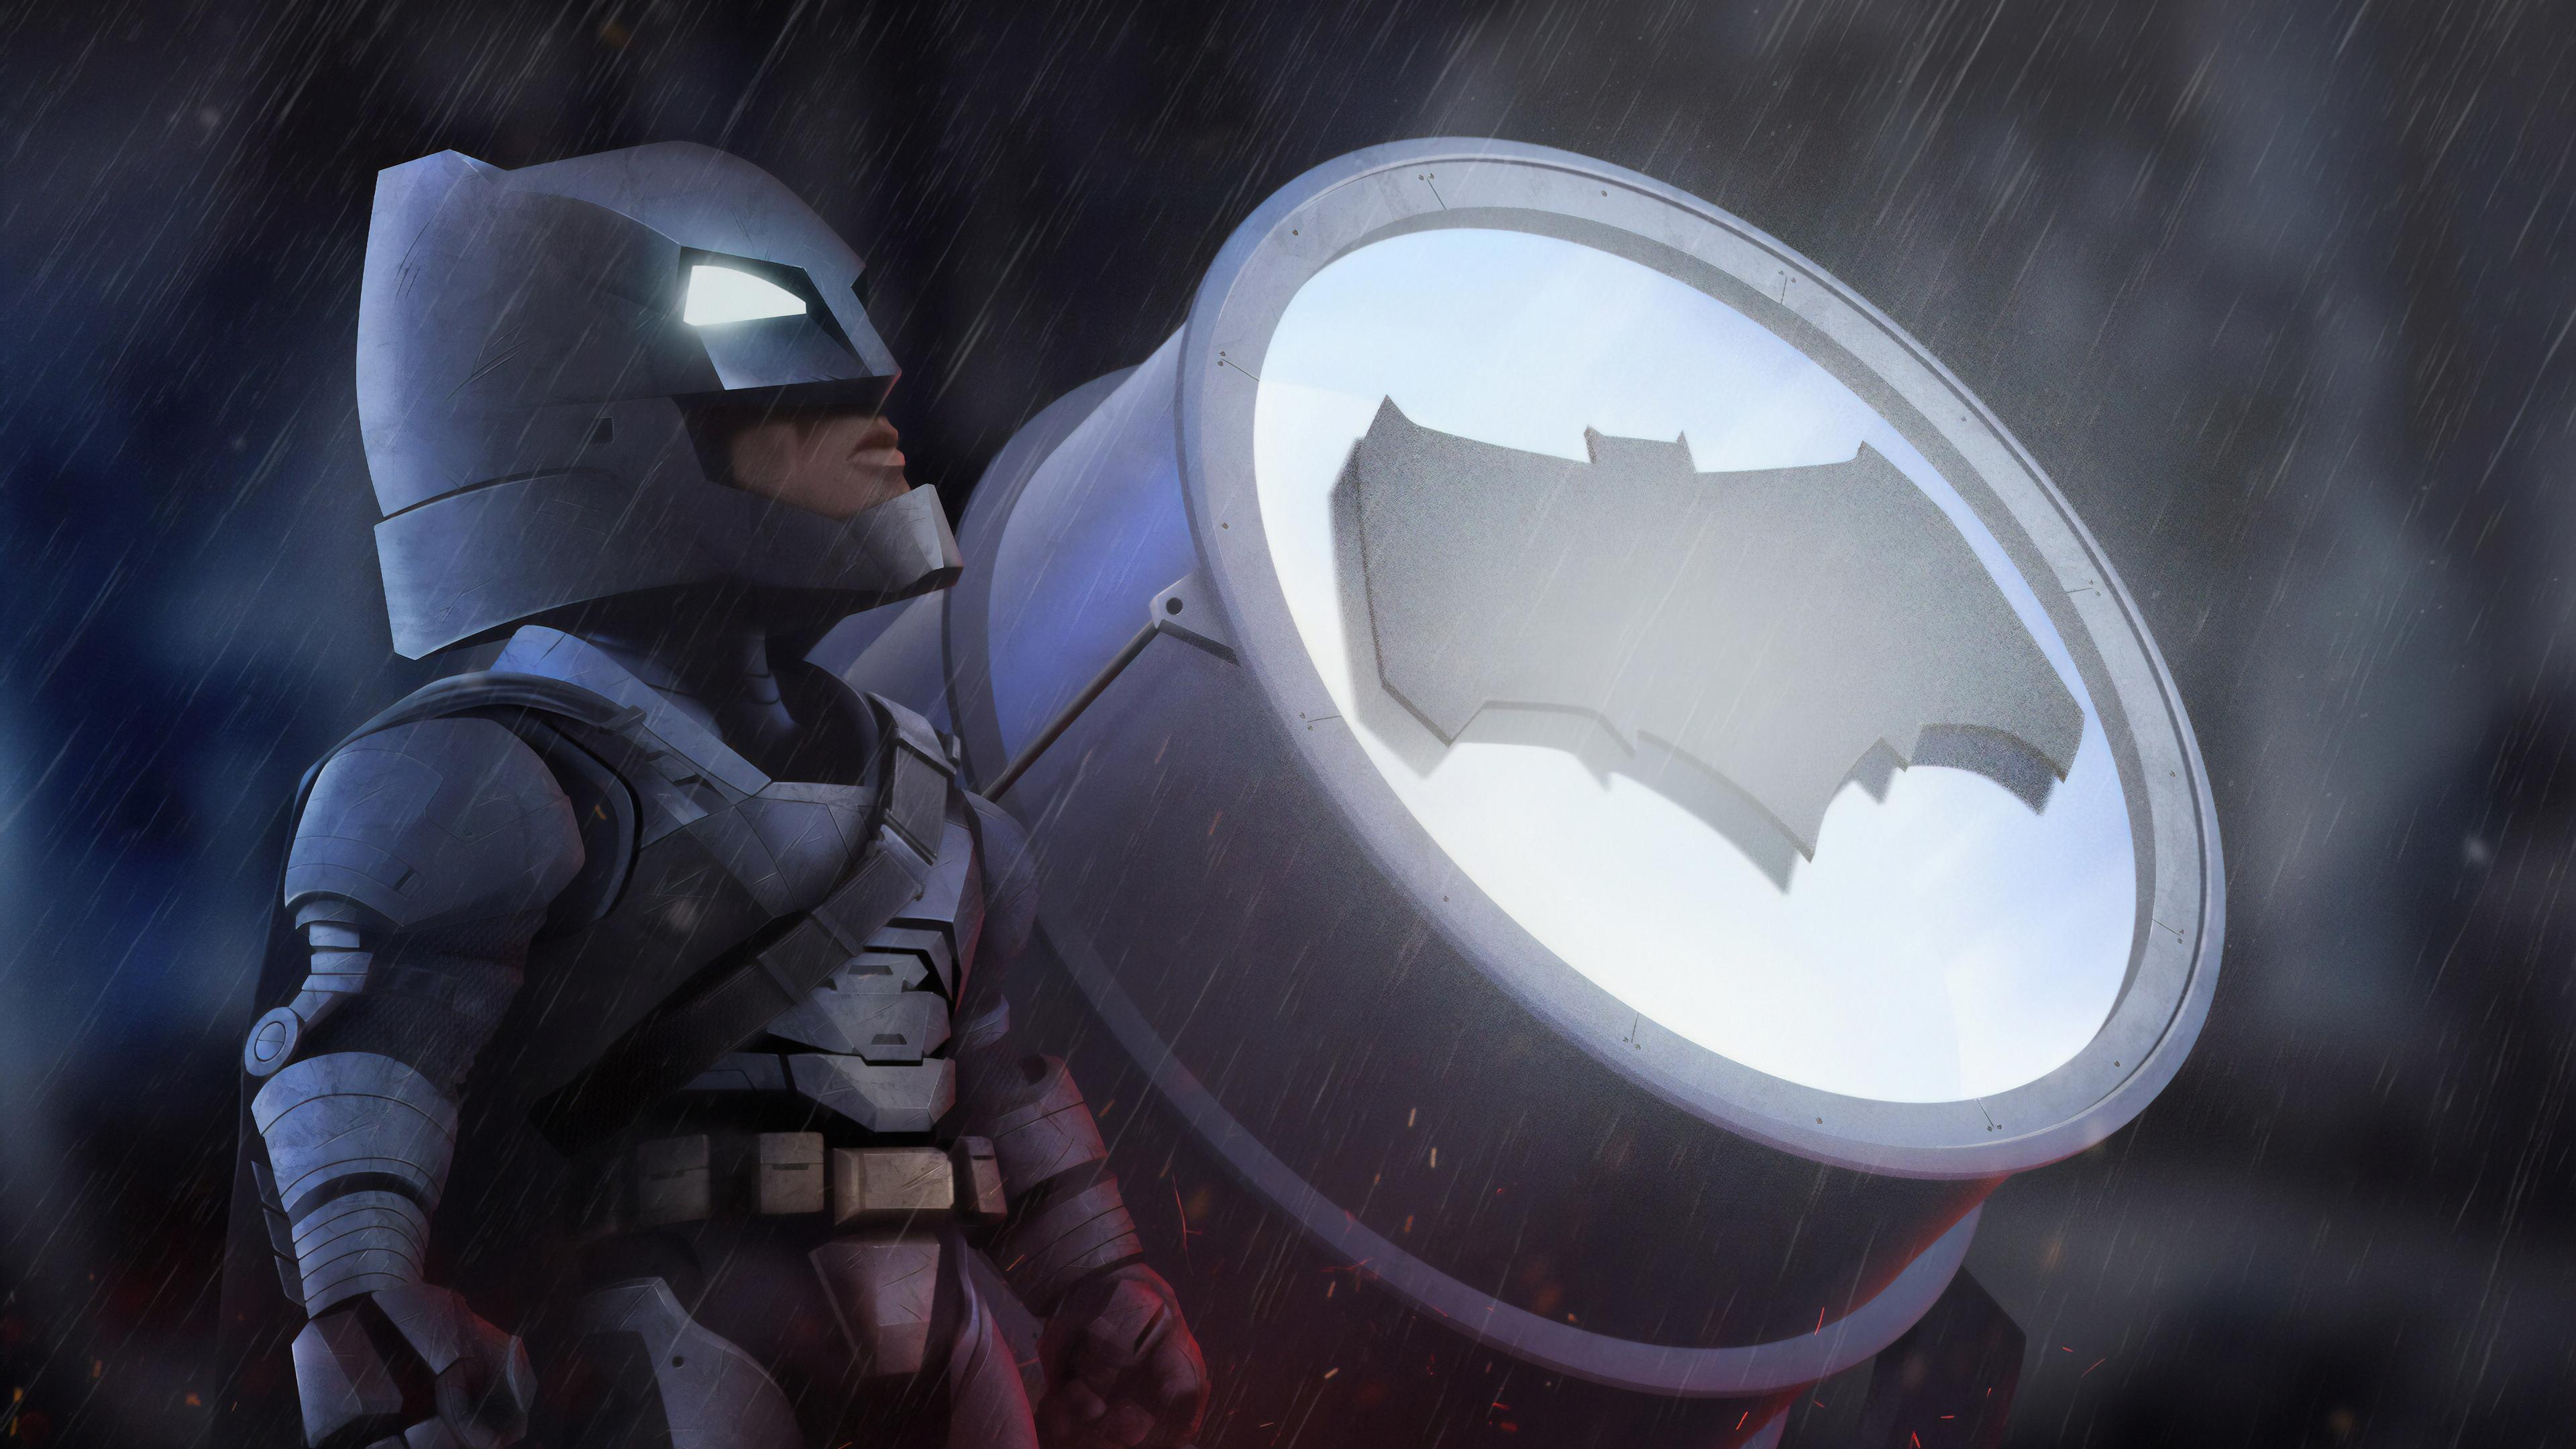 batman batsignal 1570394508 - Batman Batsignal - superheroes wallpapers, hd-wallpapers, digital art wallpapers, batman wallpapers, artwork wallpapers, artstation wallpapers, 4k-wallpapers